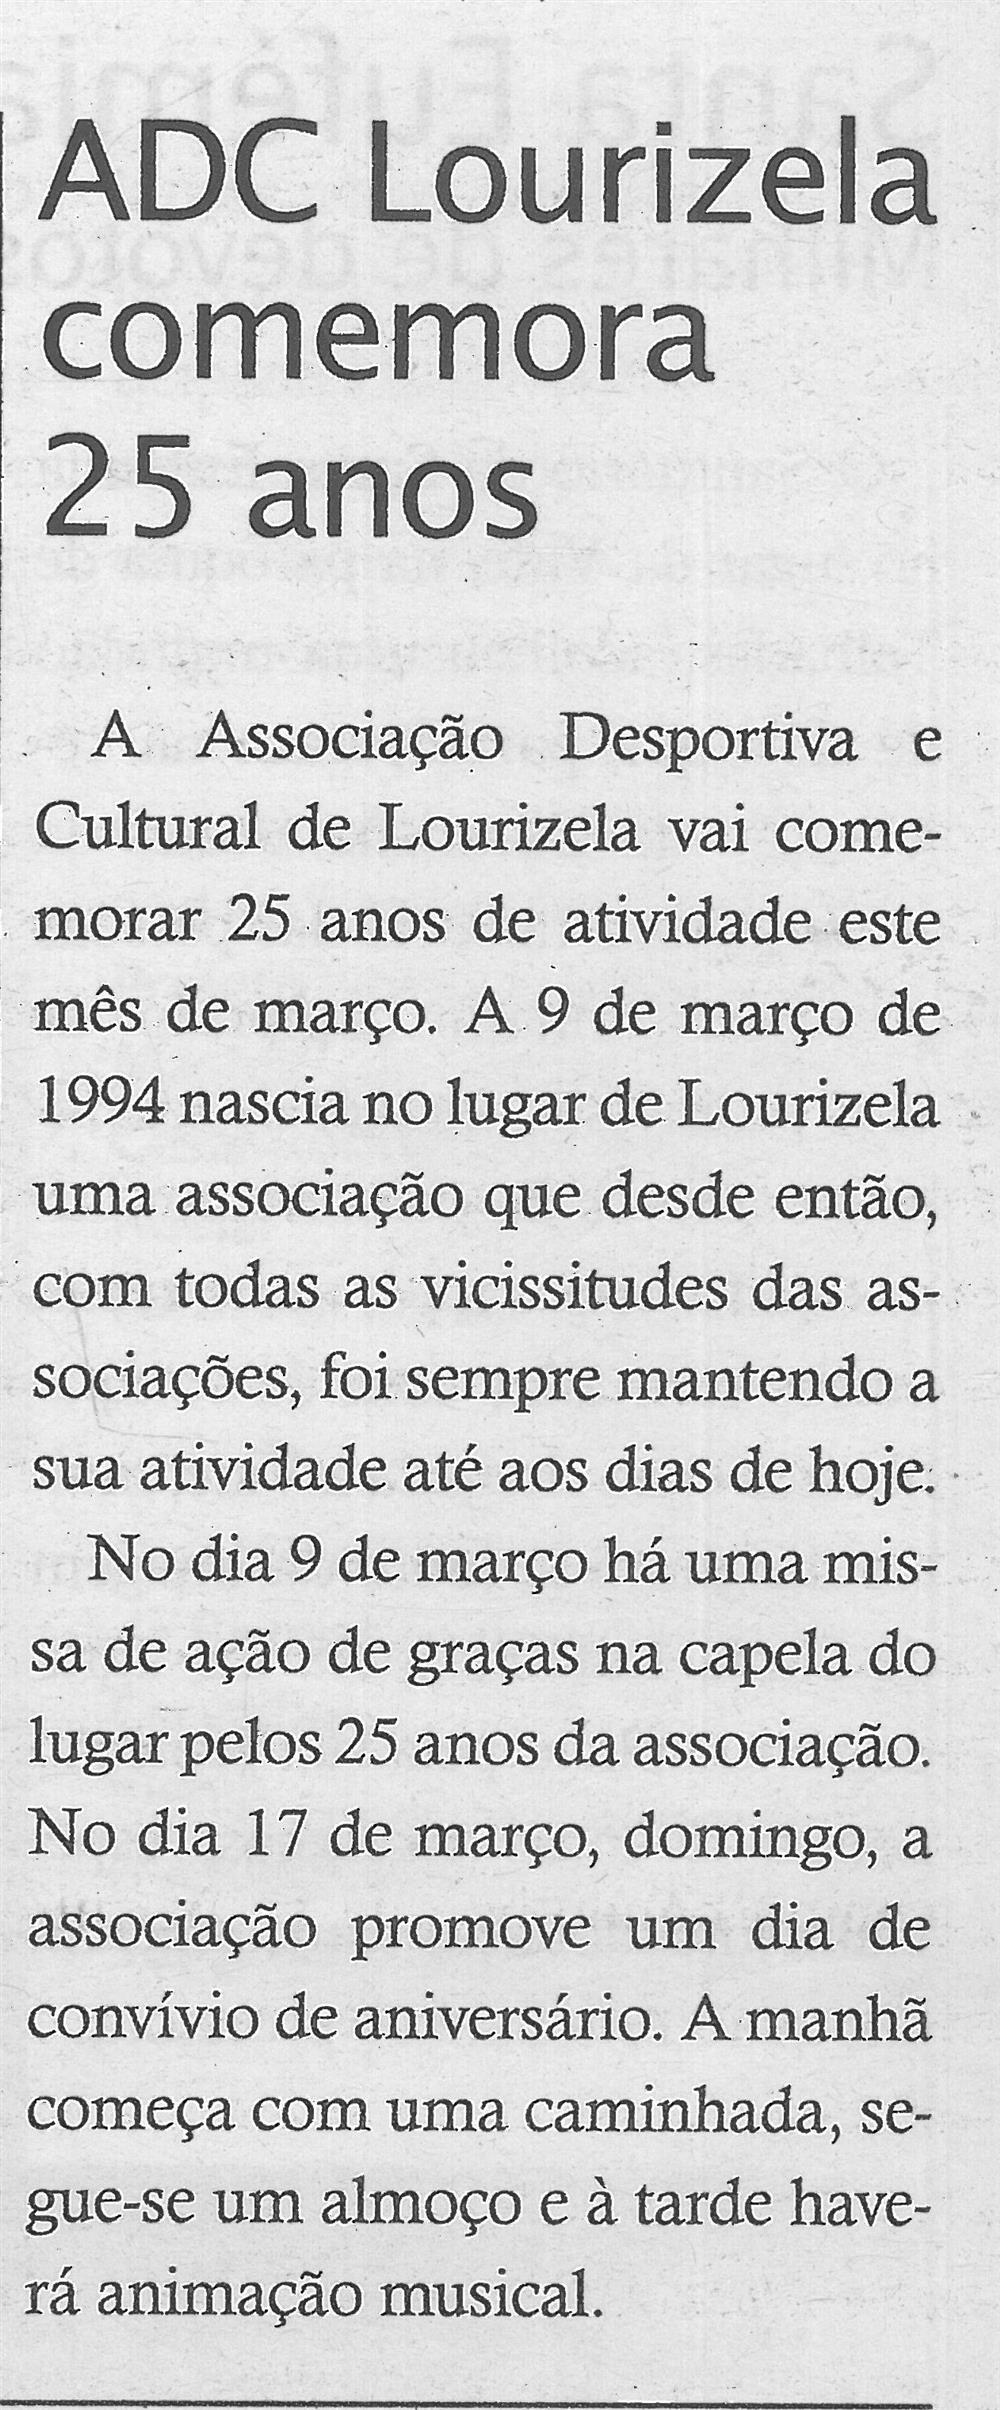 ADC Lourizela comemora 25 anos.jpg